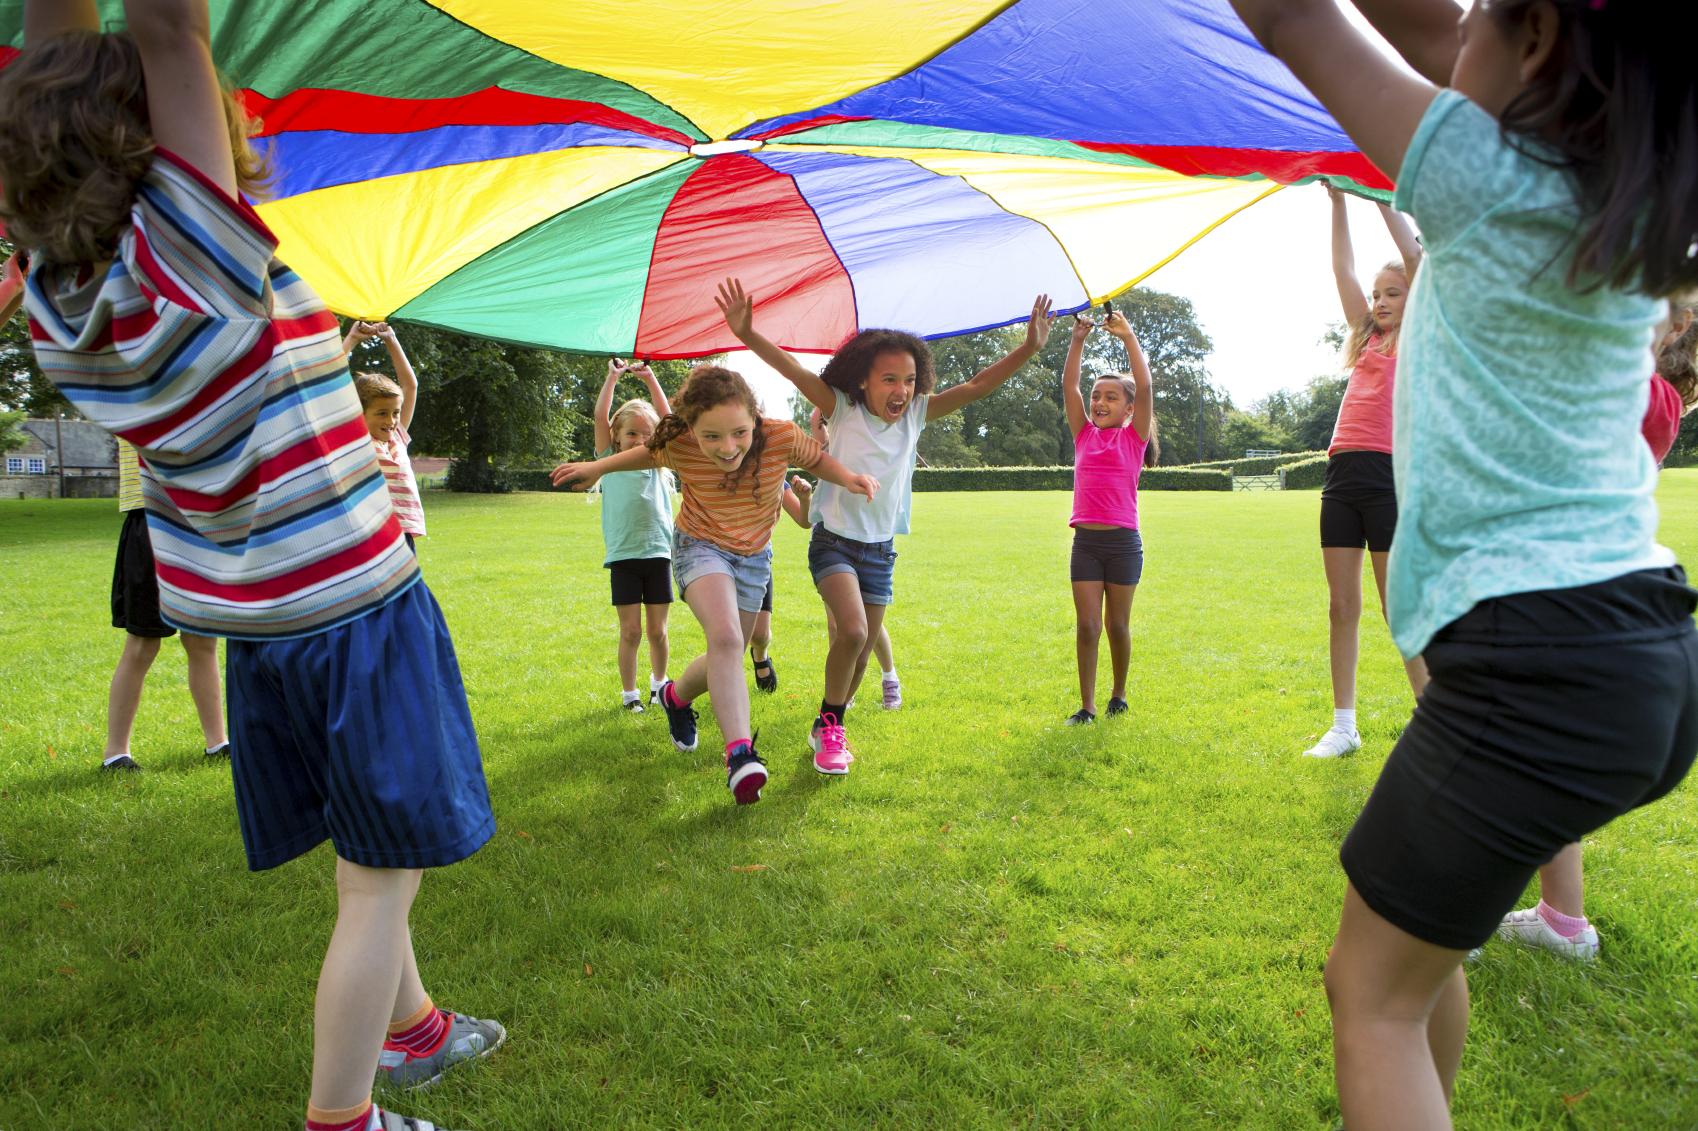 Children running under a colorful tarp | Summer Dental Health | Omaha Dentistry